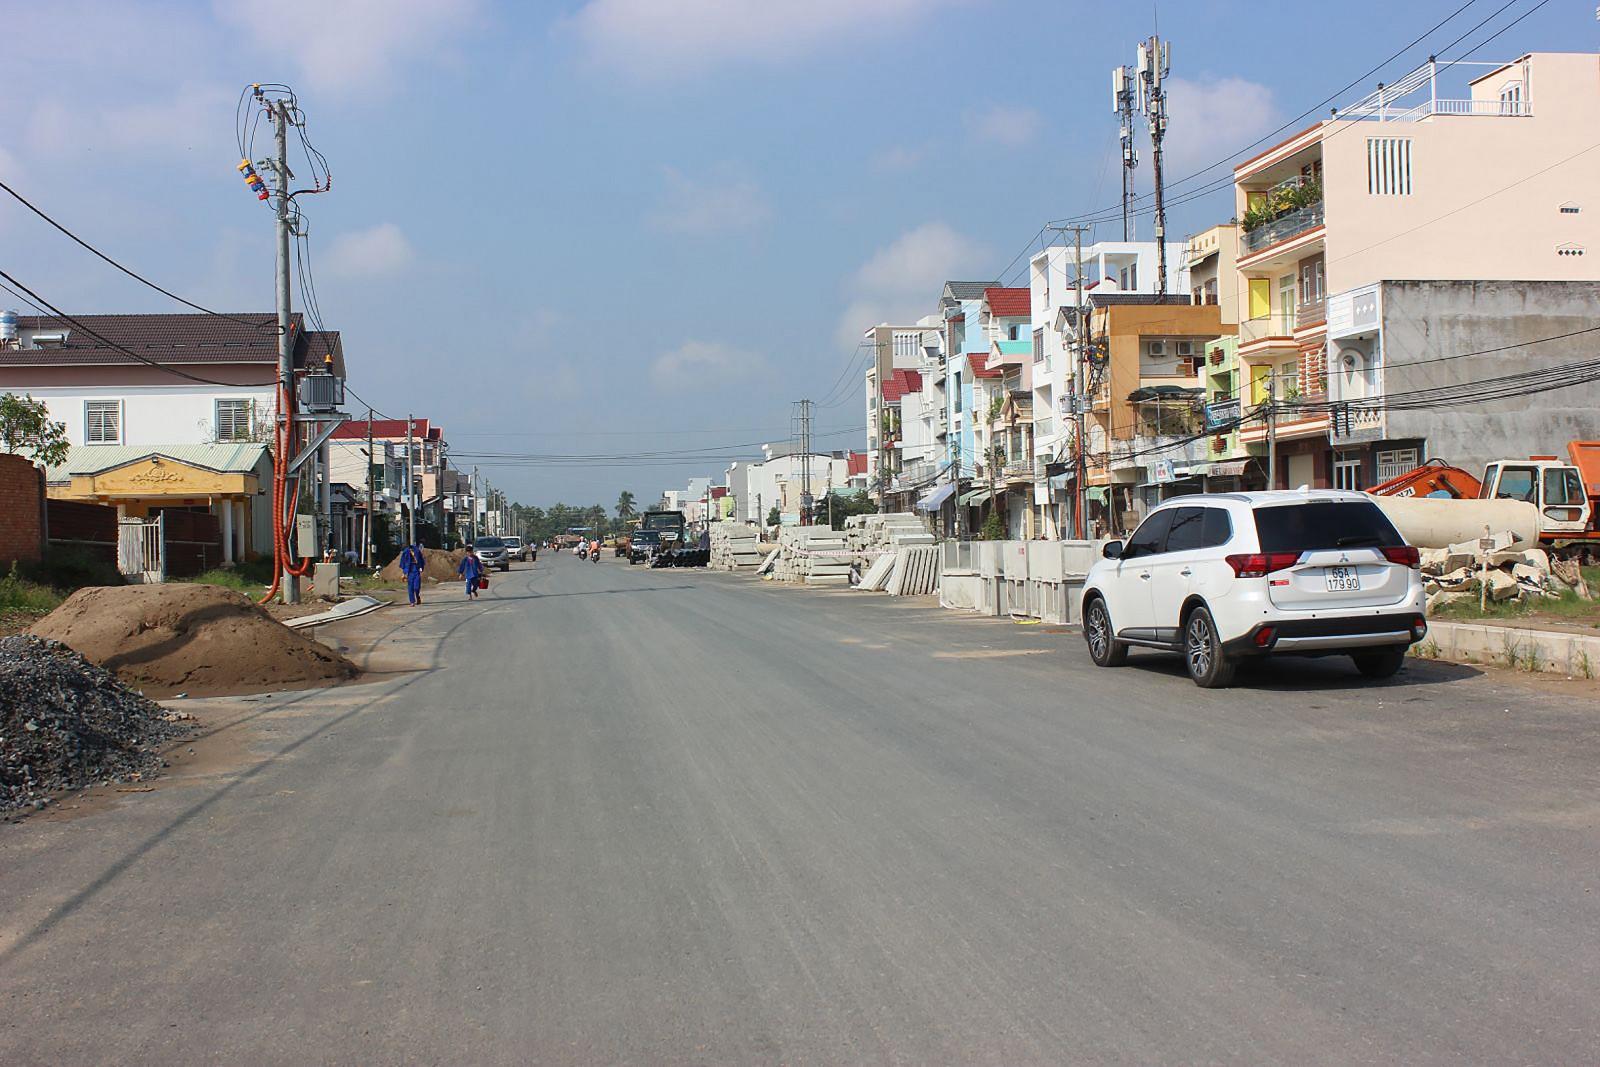 Công trình đường nối Cách Mạng Tháng Tám đến đường tỉnh 918 - đoạn từ đầu tuyến đến nút giao Võ Văn Kiệt (dài 1,82km) đã hoàn thành được 20% khối lượng, đoạn từ nút giao Võ Văn Kiệt đến cuối tuyến (dài khoảng 3,5km) đã hoàn thành 11% khối lượng. Trong ảnh: Đoạn 620m đầu tuyến đã thảm nhựa một bên tuyến.